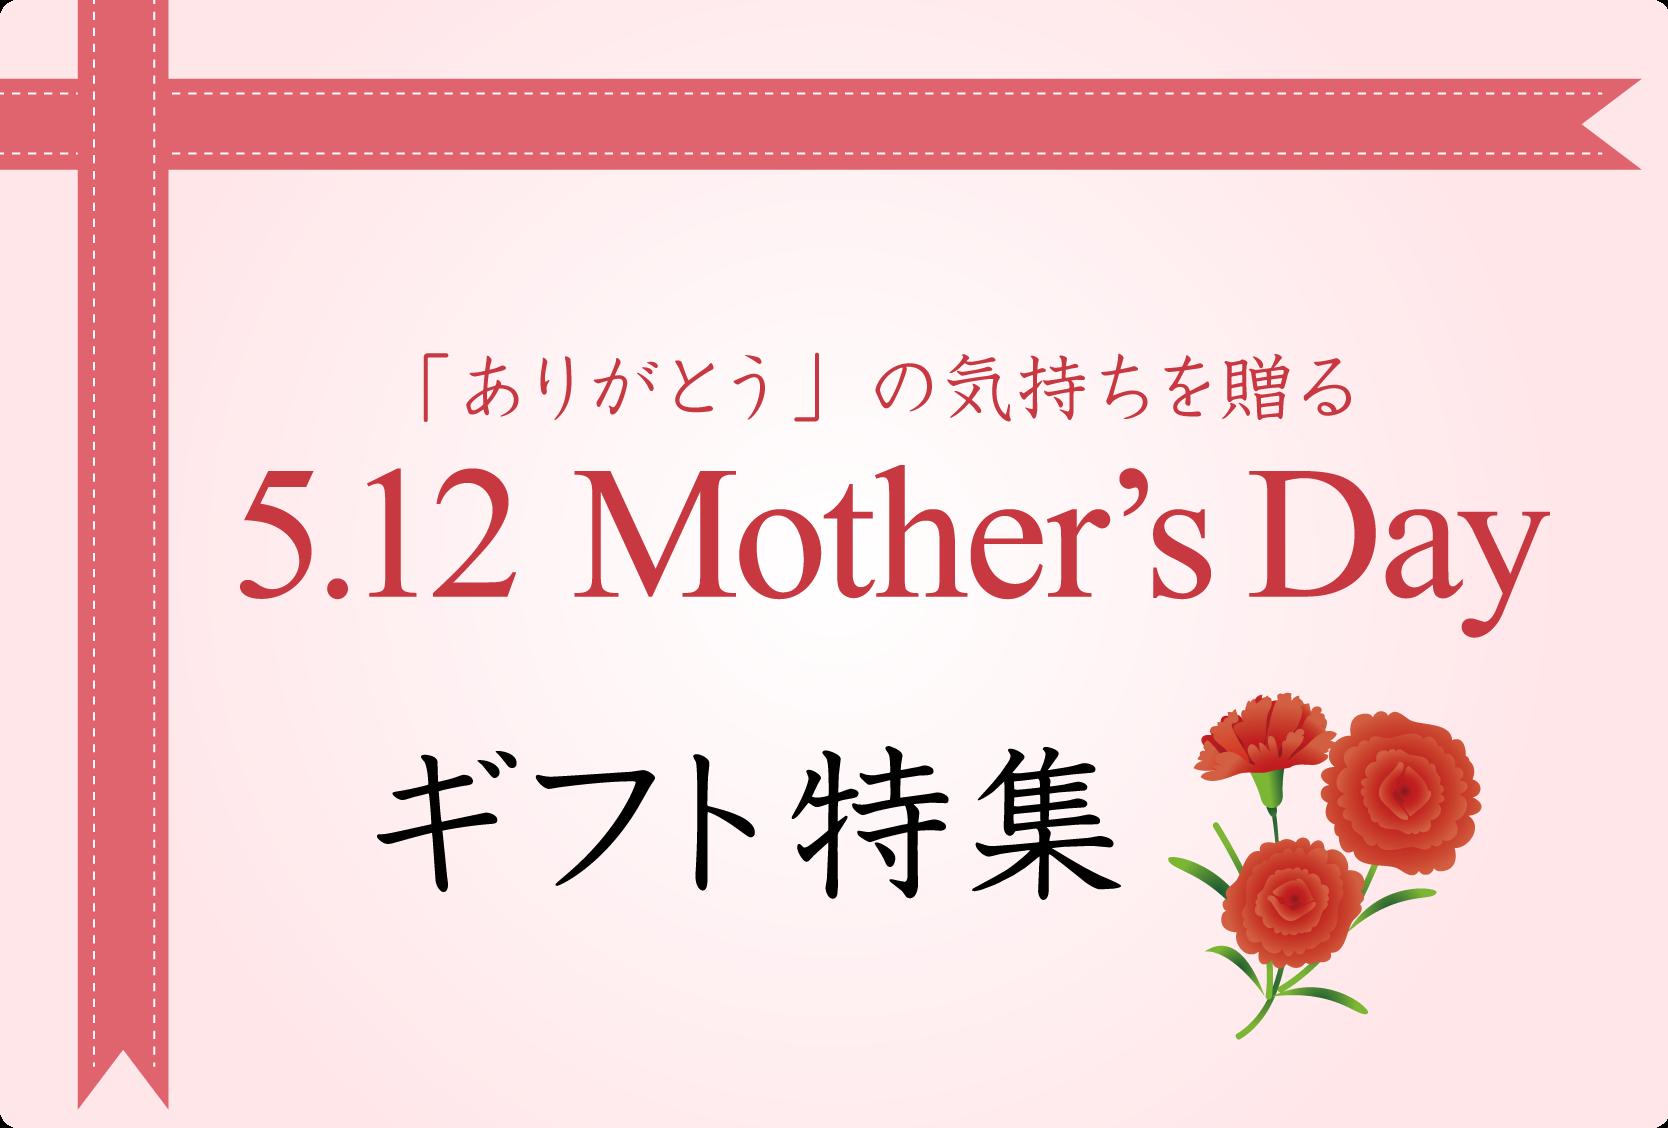 「ありがとう」の気持ちを贈る 5.12 Mother's Day ギフト特集